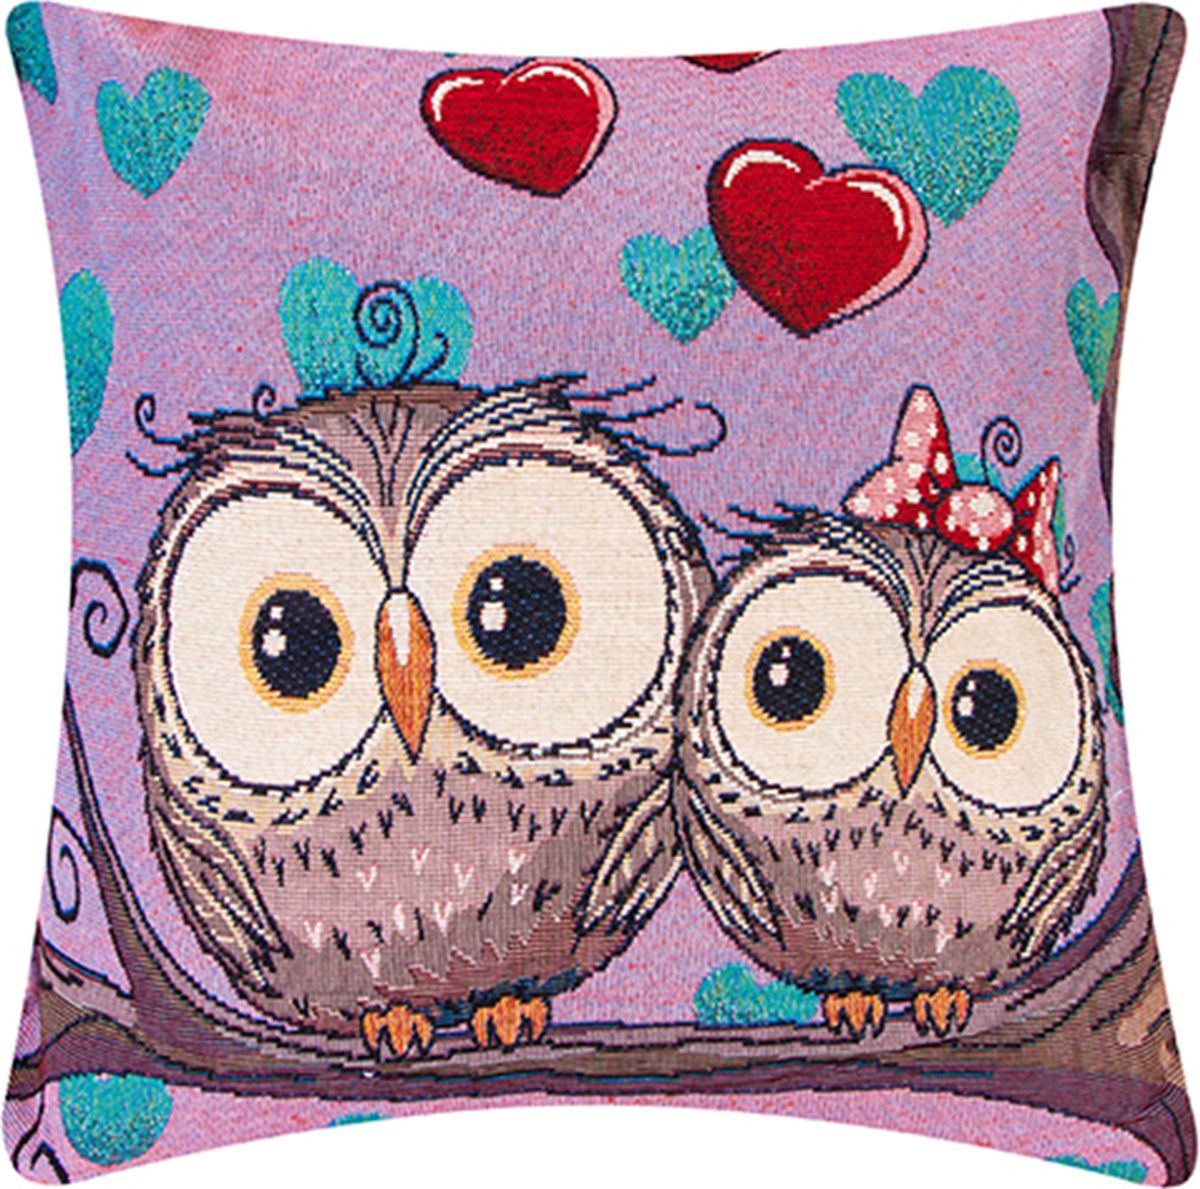 Подушка декоративная EL Casa Влюбленные совы, цвет: розовый, 43 x 43 см. 171683 подушки декоративные el casa подушка декоративная новогодние совы